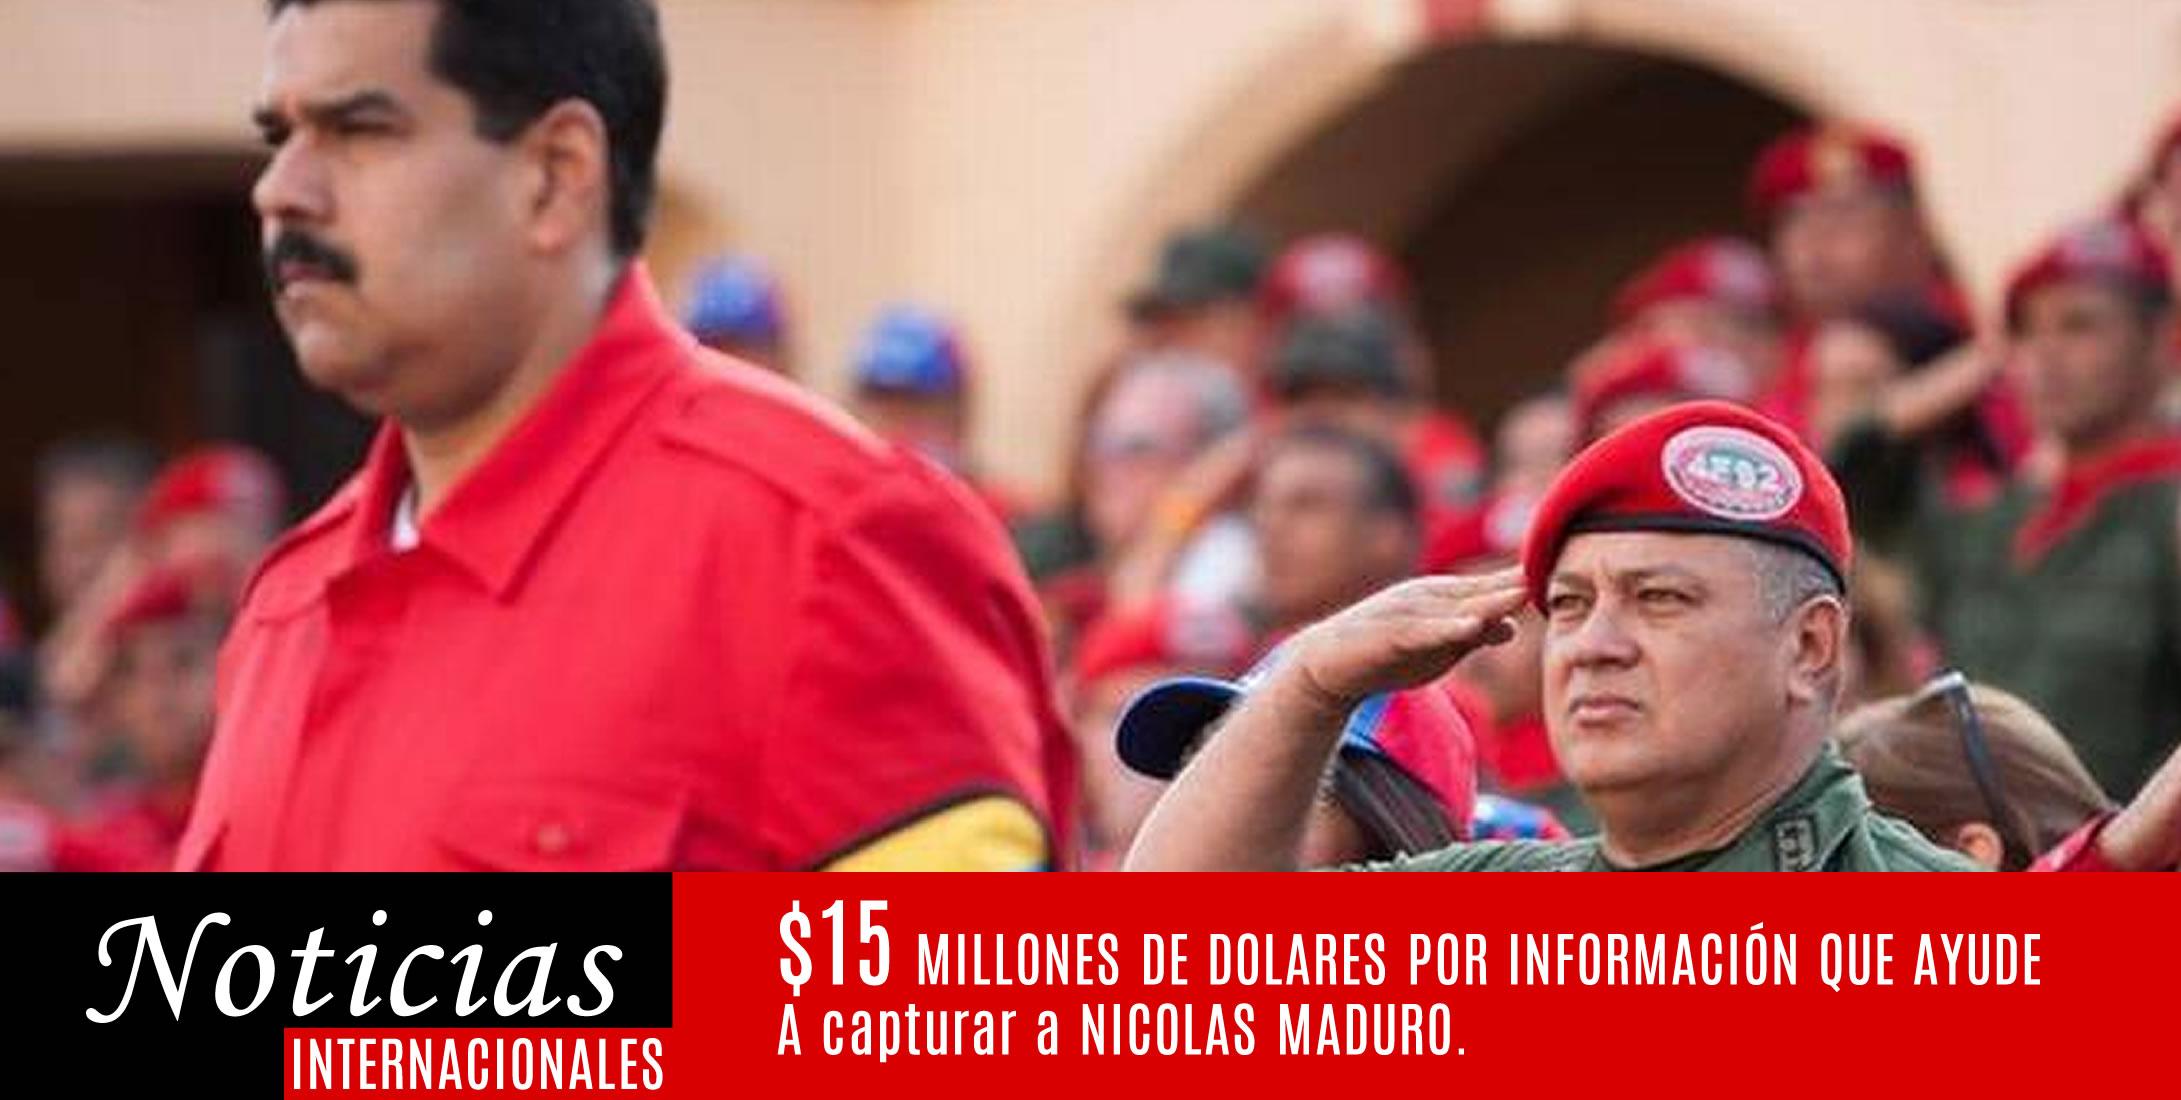 15 MILLONES DE DOLARES POR CAPTURAR A MADURO